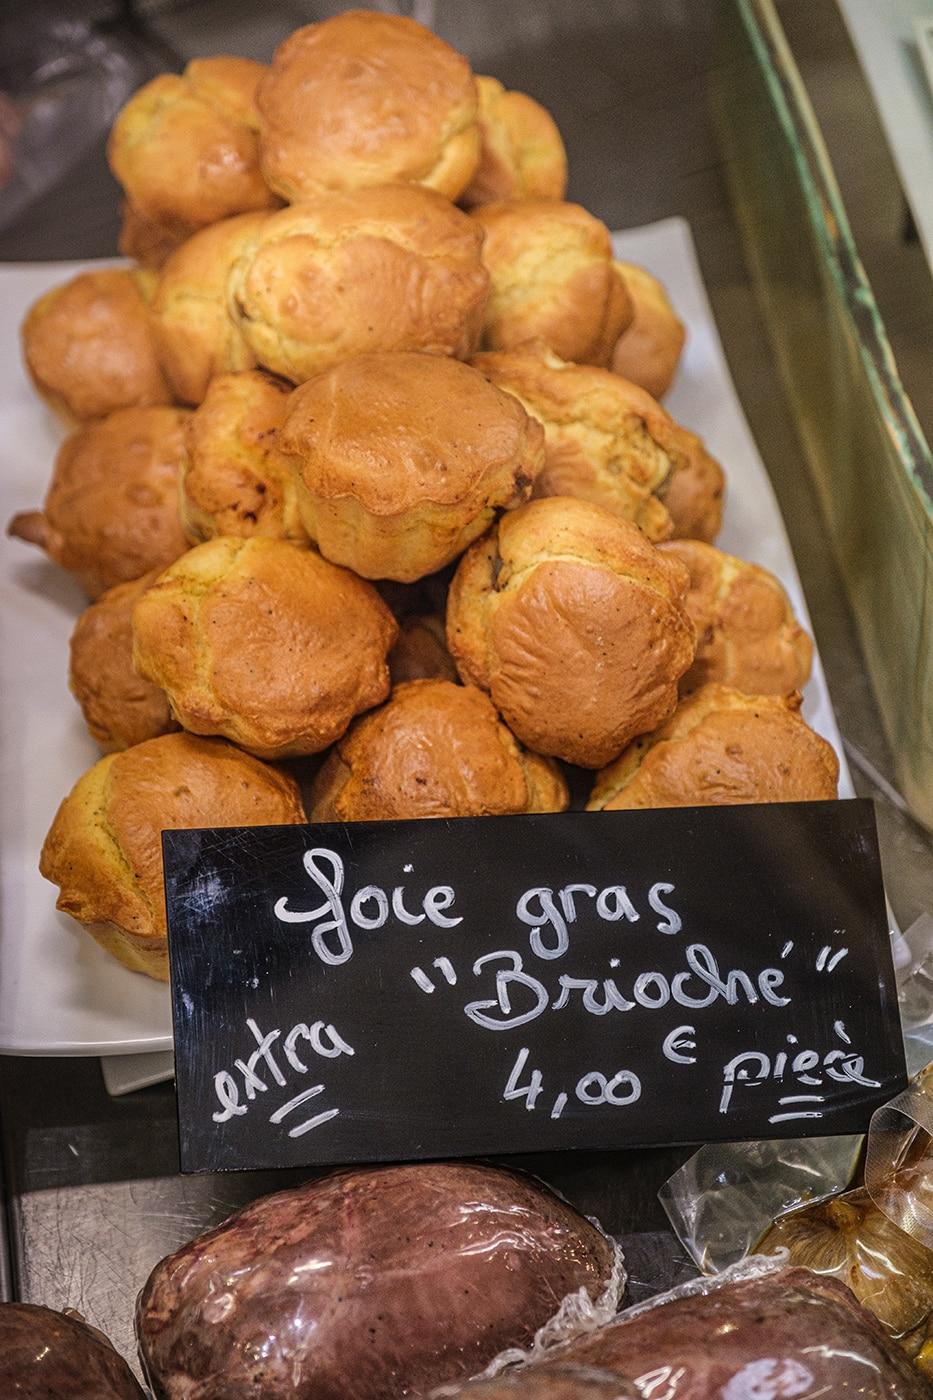 Produits régionaux du Périgord au marché couvert de Sarlat